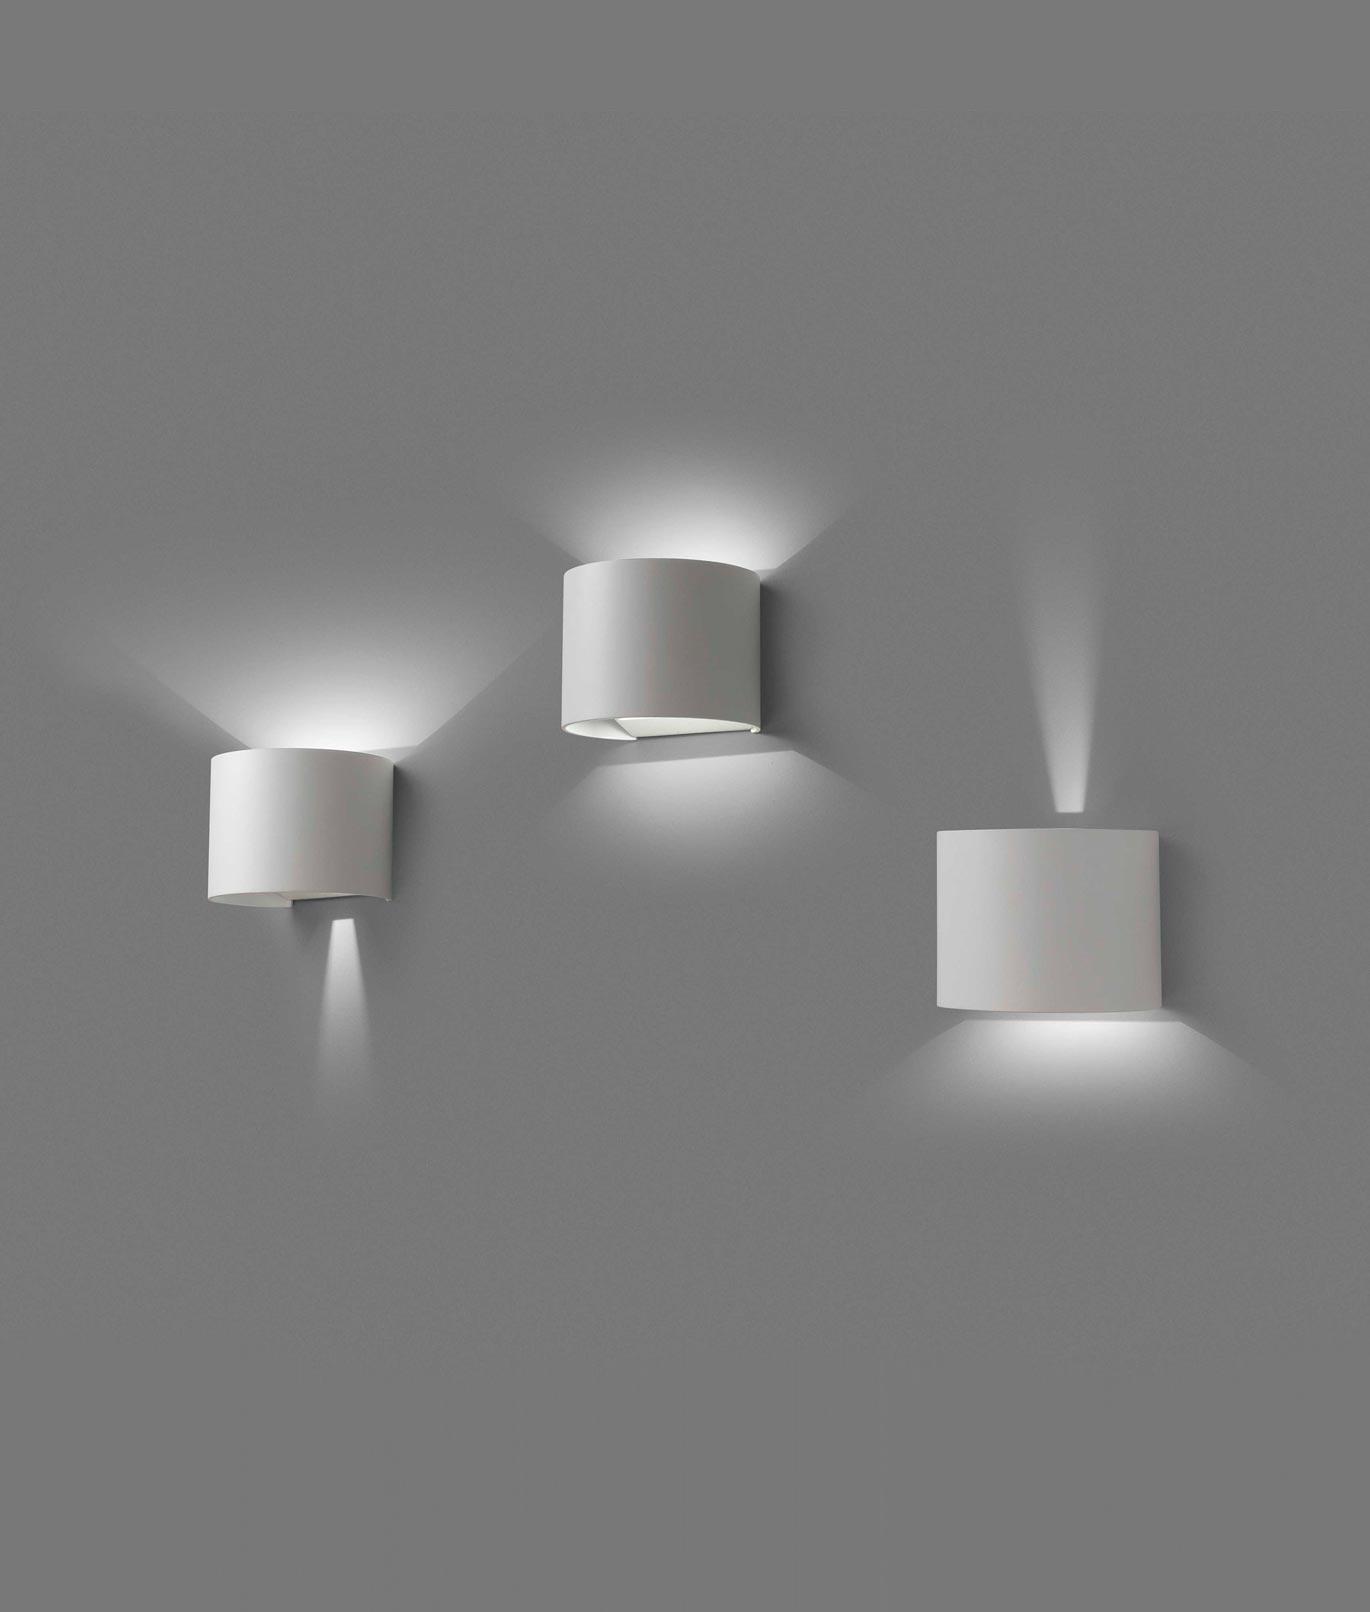 L mpara aplique direccional blanco sunset led - Casa de las lamparas ...